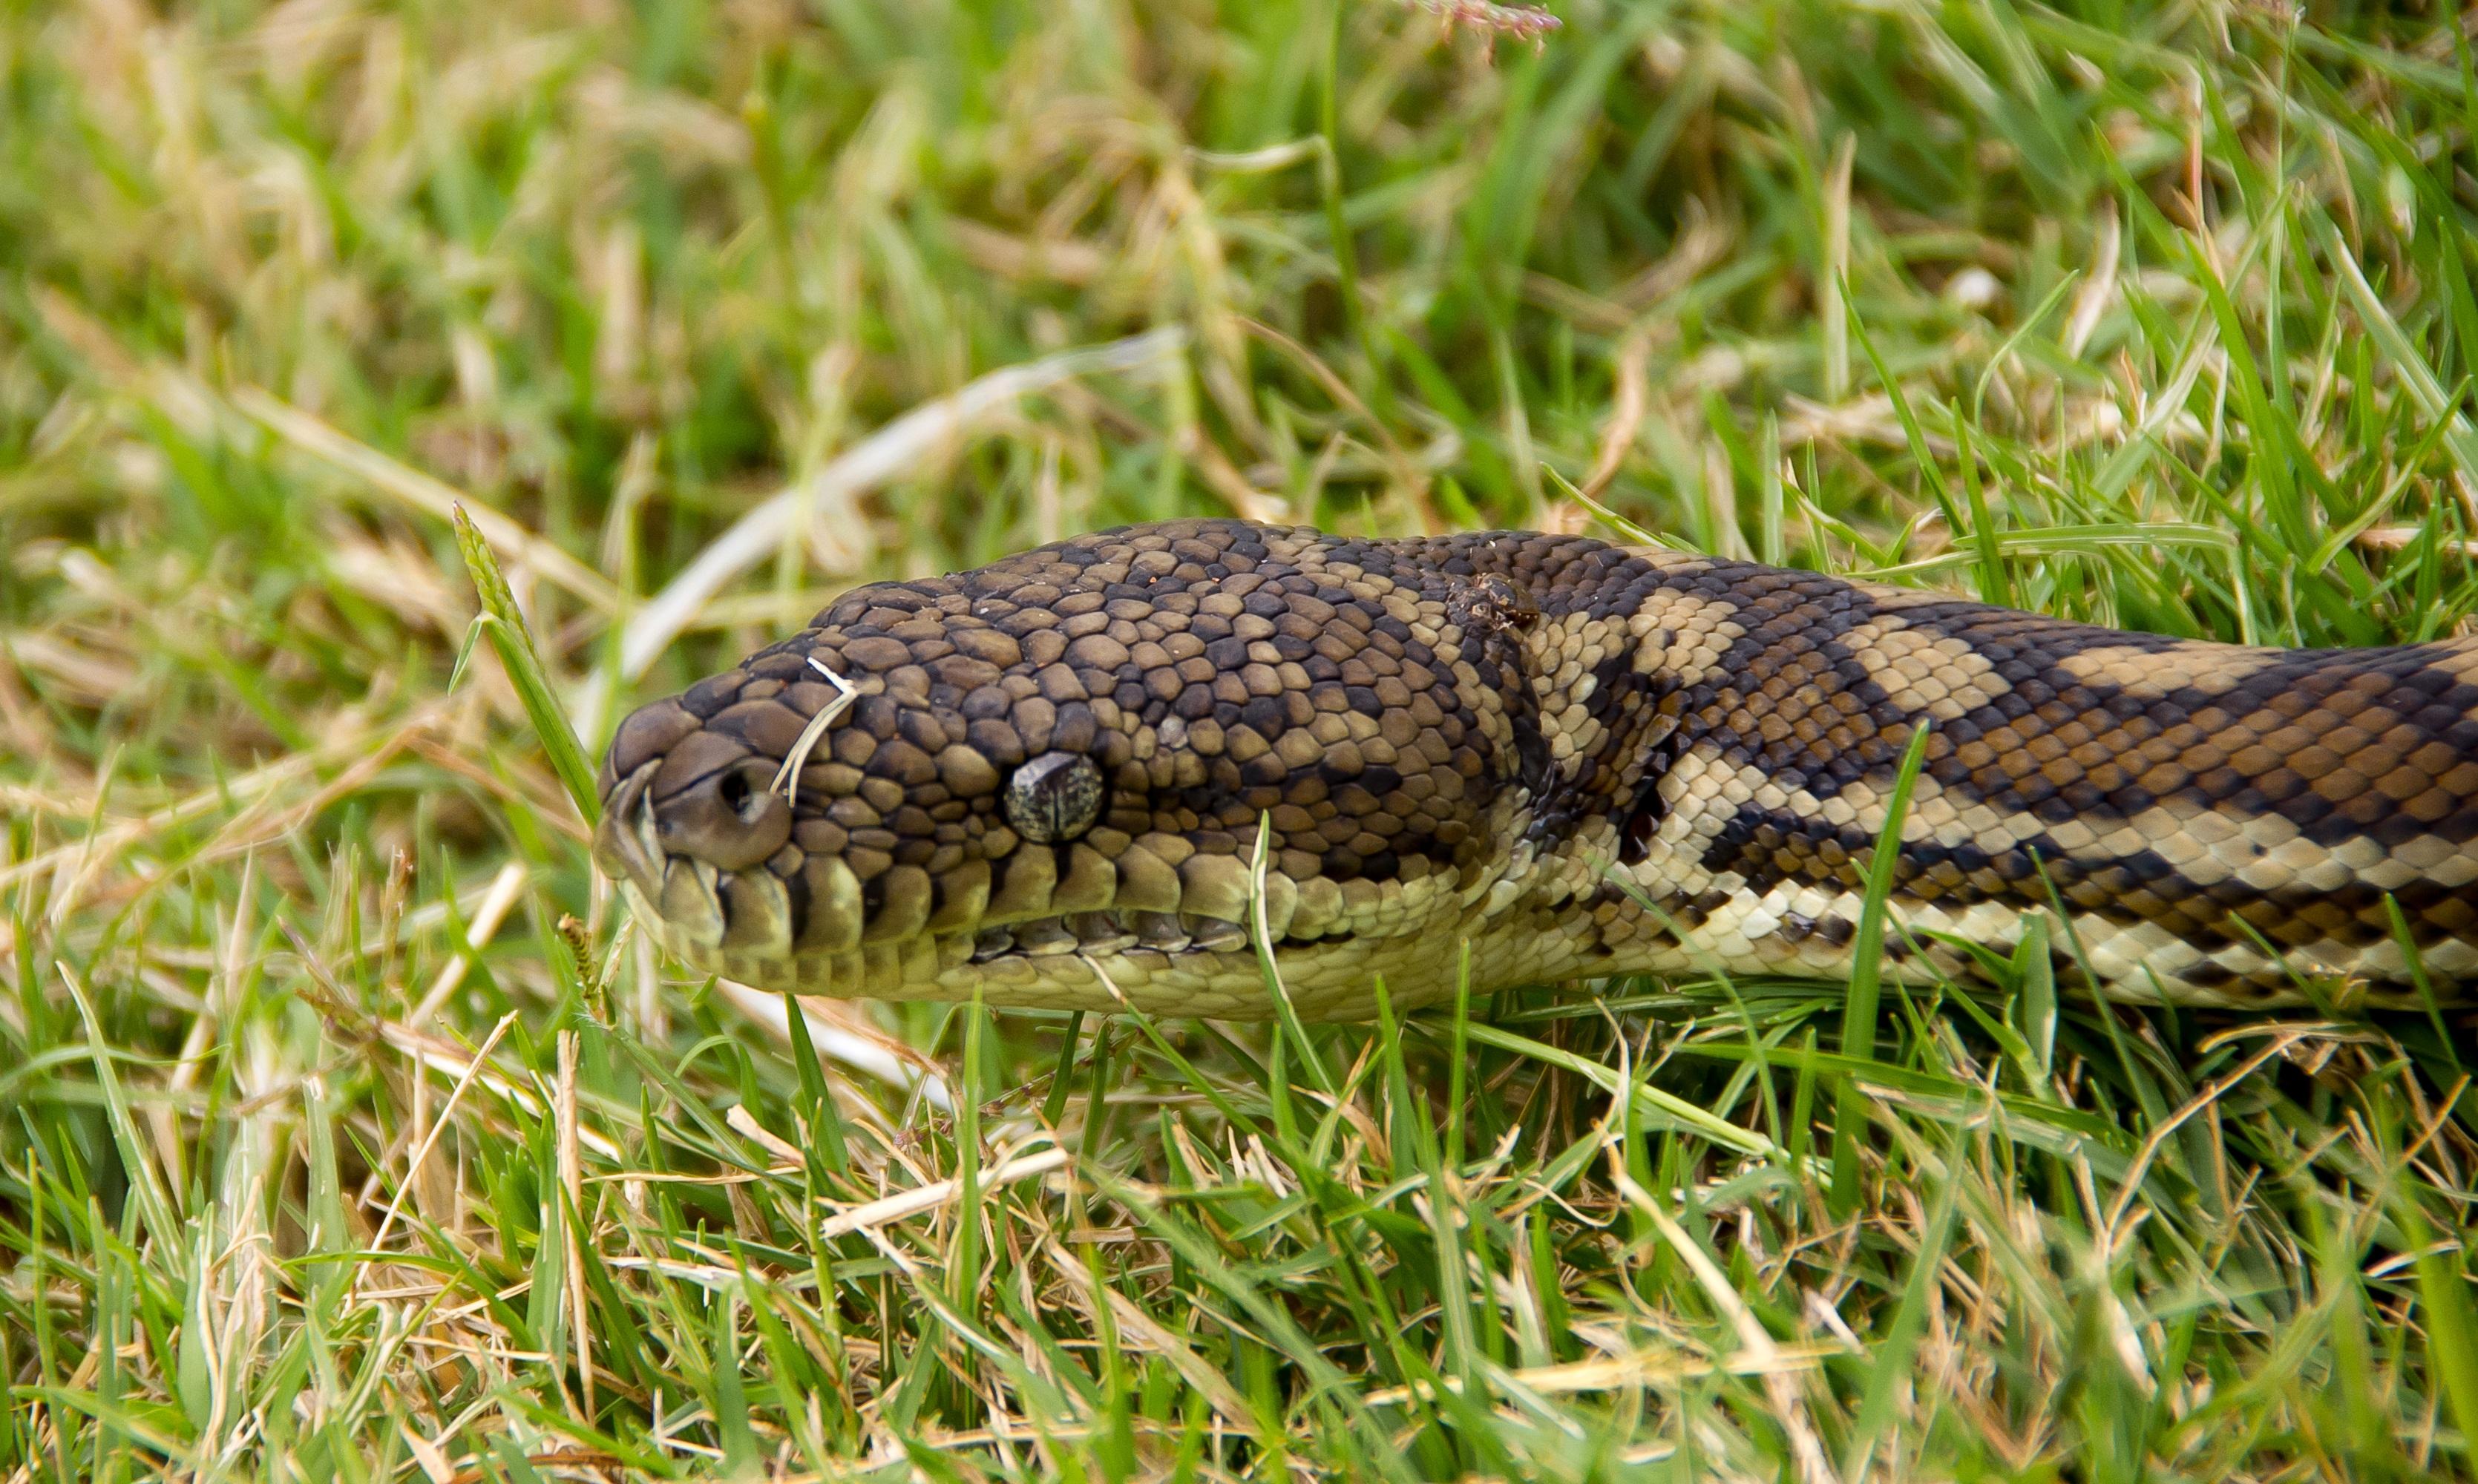 Покажите фото змей диких